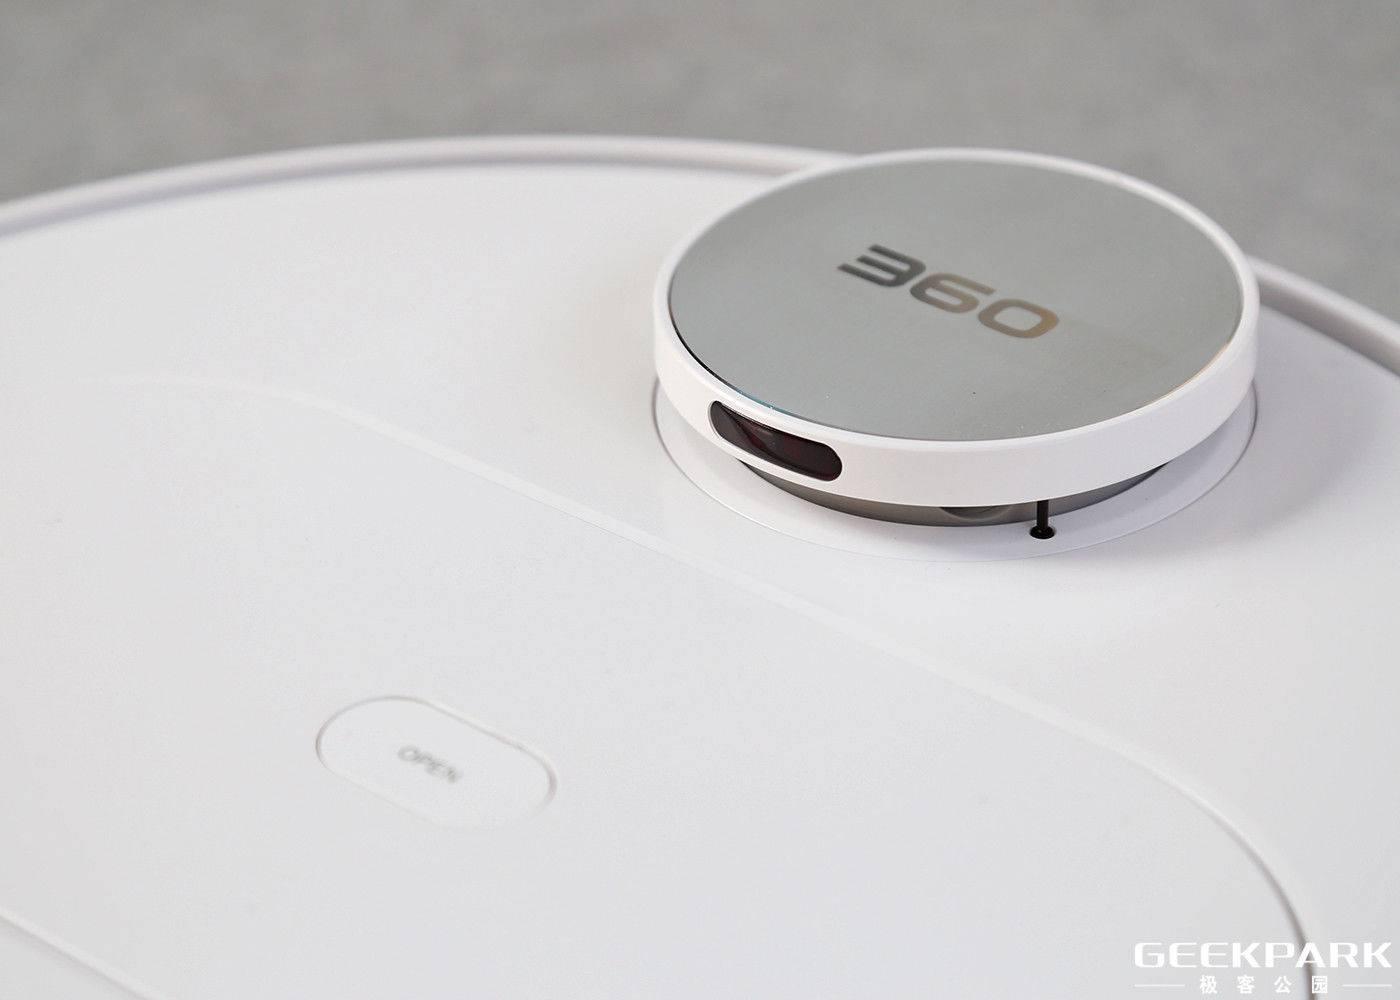 360 扫地机器人评测:家庭基础清洁的贴心助手